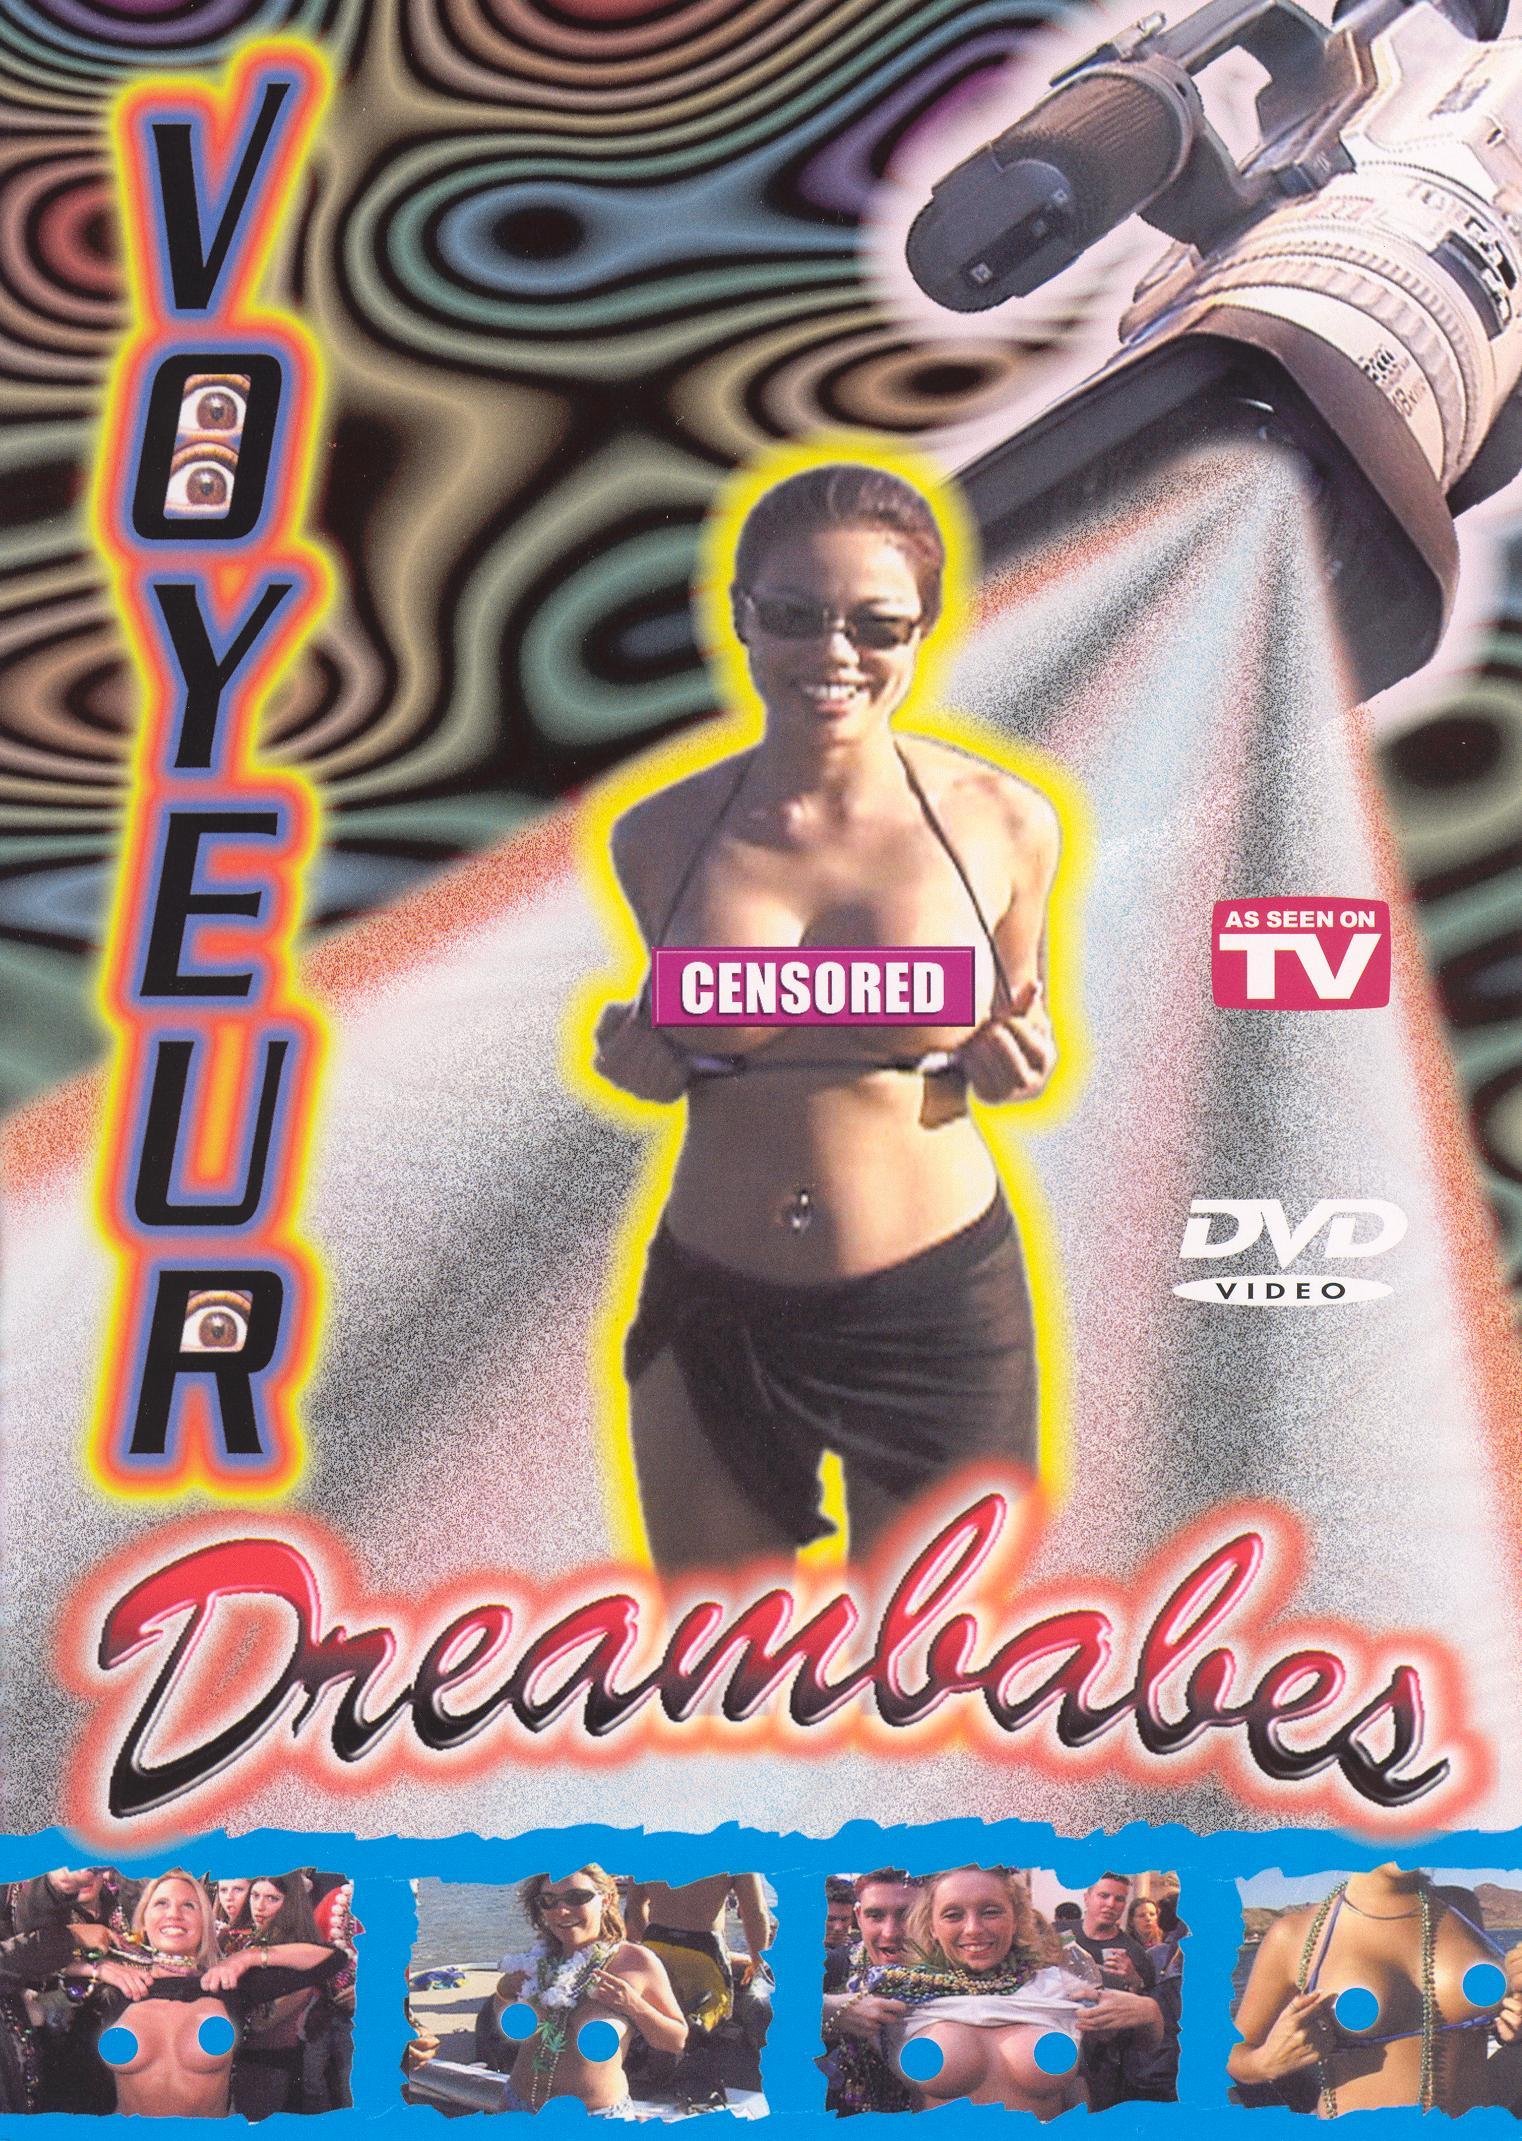 Voyeur Dreambabes